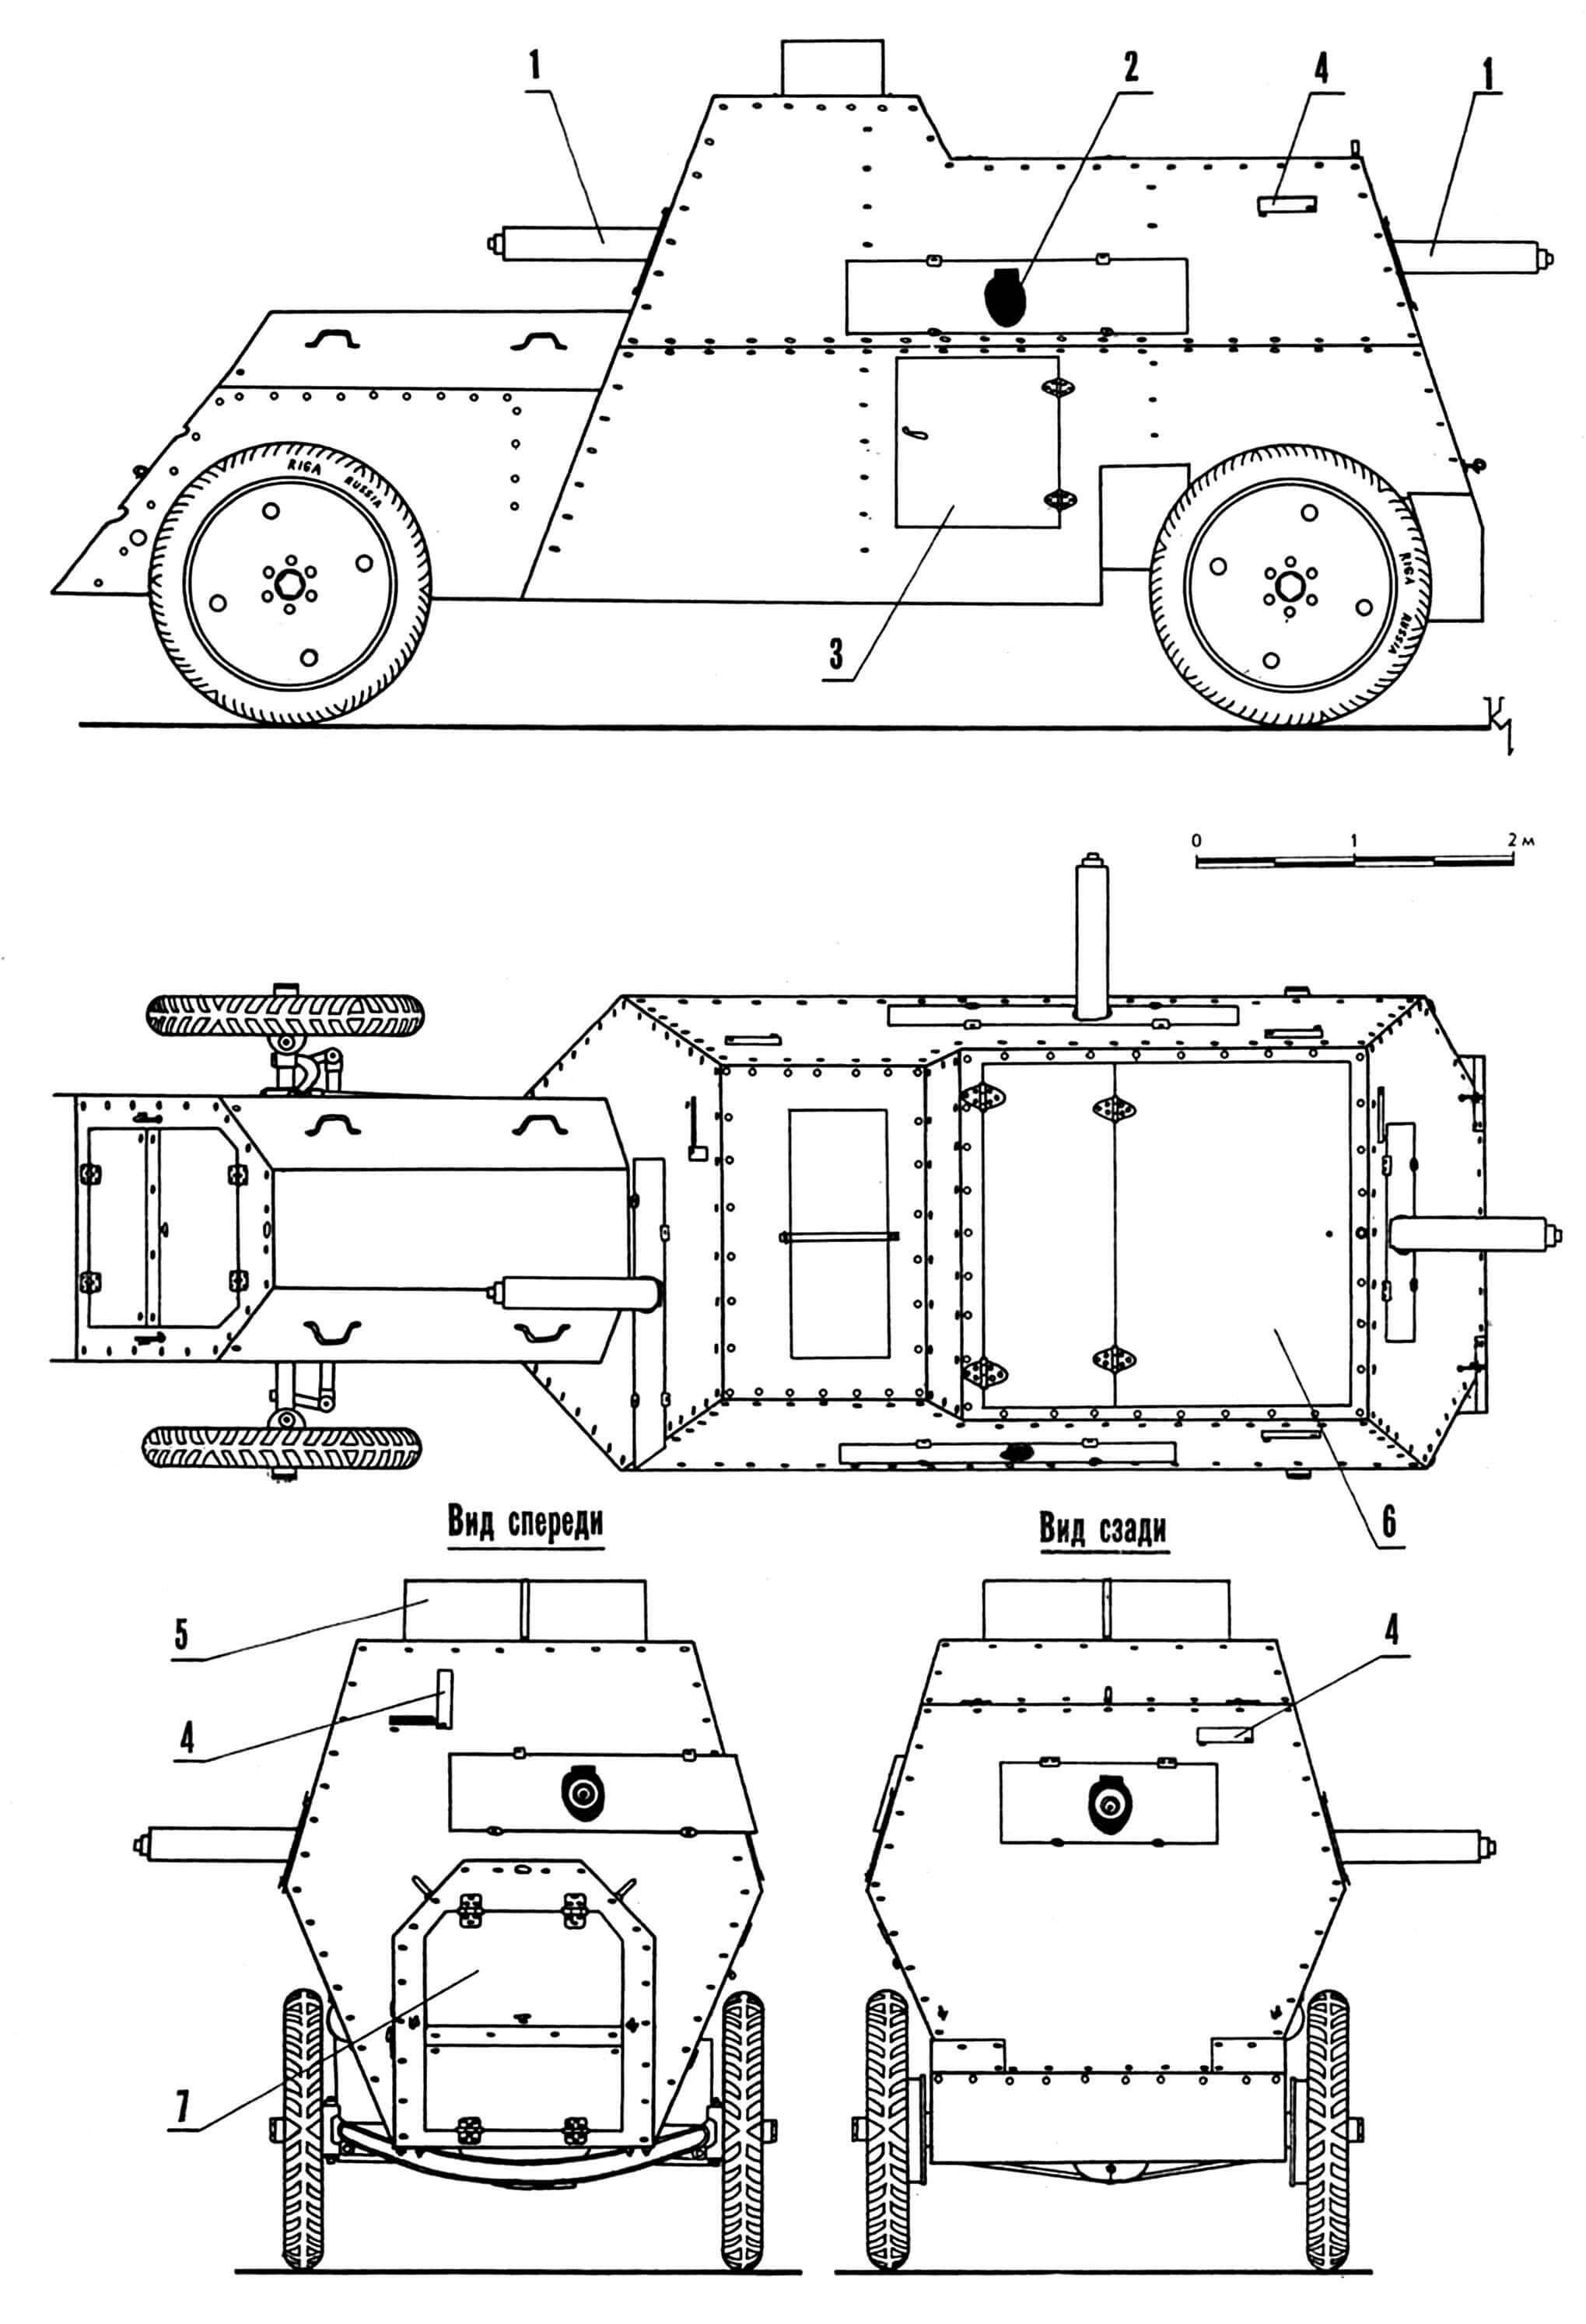 Бронеавтомобиль «Руссо-Балт»: 1 — пулемет Максима, 2 — амбразура для пулемета, 3 — дверь для посадки экипажа, 4 — заслонка смотровой щели, 5 — ящик для амуниции, 6 — откидная крыша, 7 — броневая крышка радиатора.